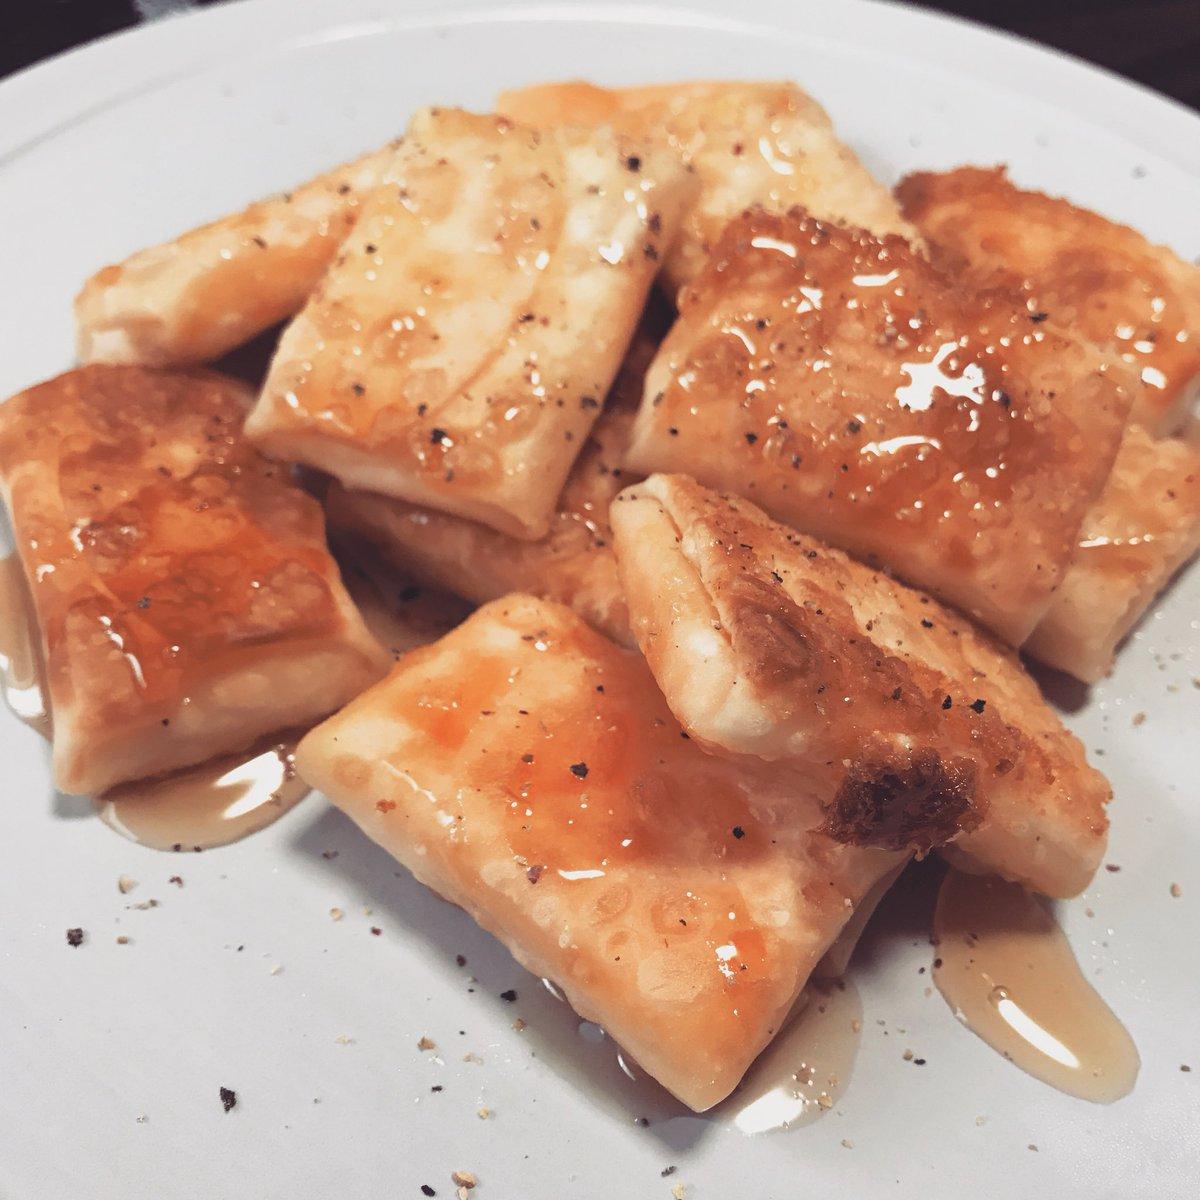 餃子の皮の中にチェダーとモッツァレラとクリームチーズを入れて焼いてハチミツと胡椒...